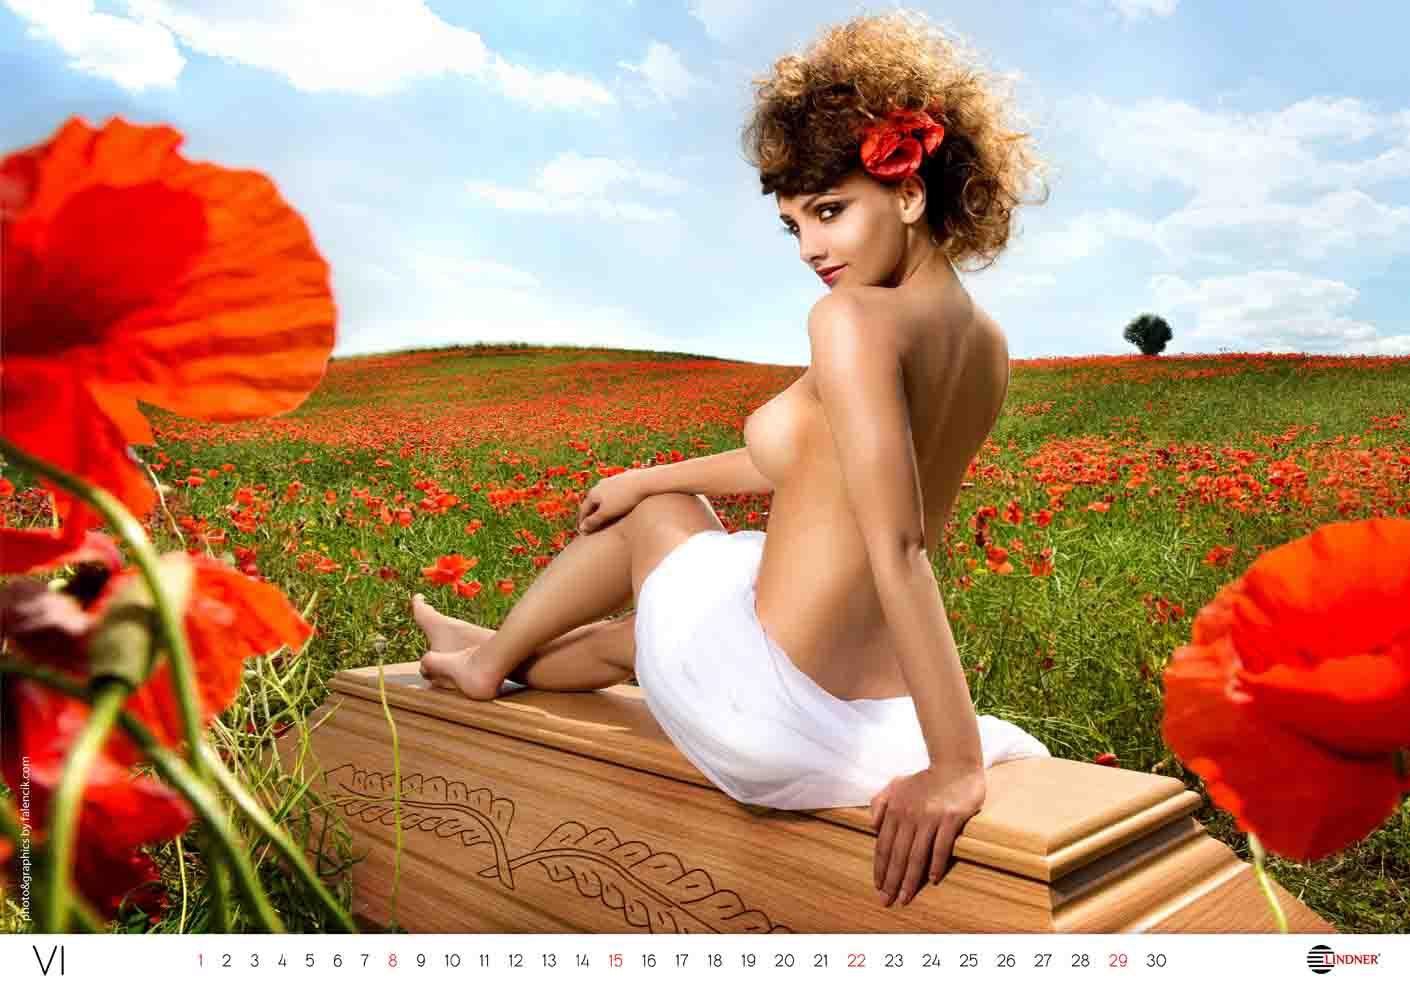 Эротические календари компаний, Эротический календарь страховой компании эрго 13 фотография